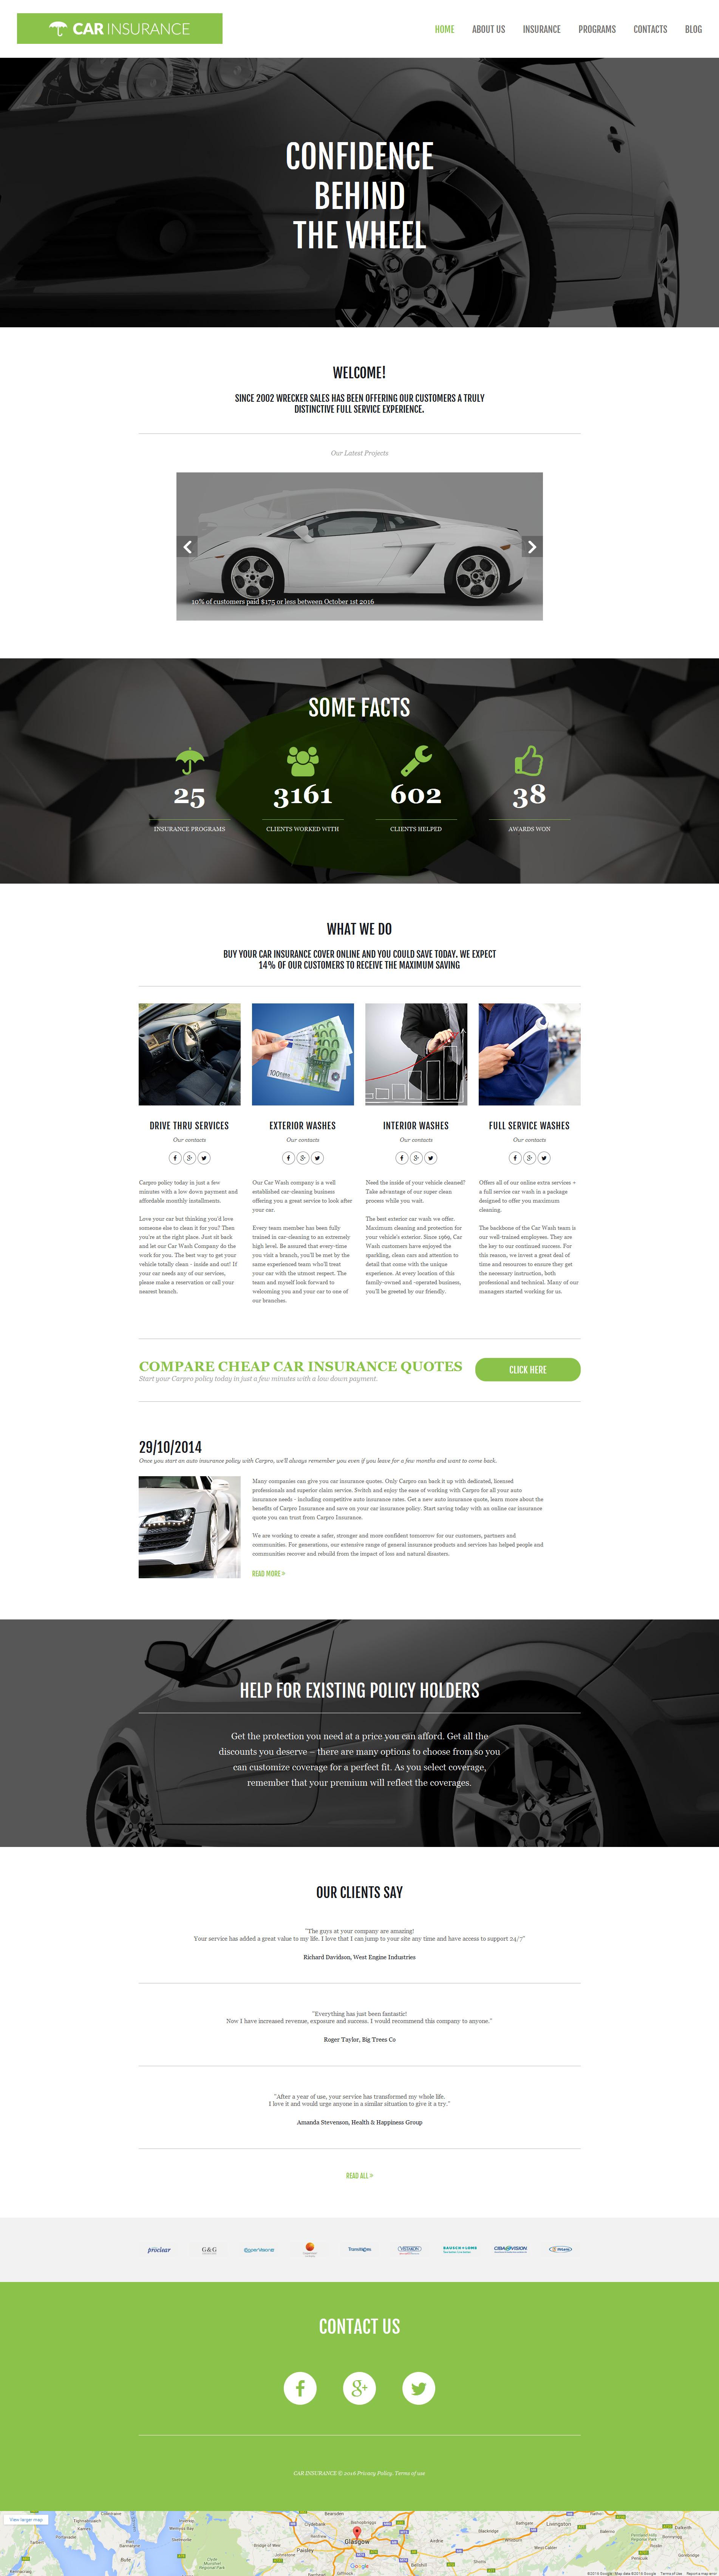 Responzivní Moto CMS 3 šablona na téma Autopojištění #58681 - screenshot